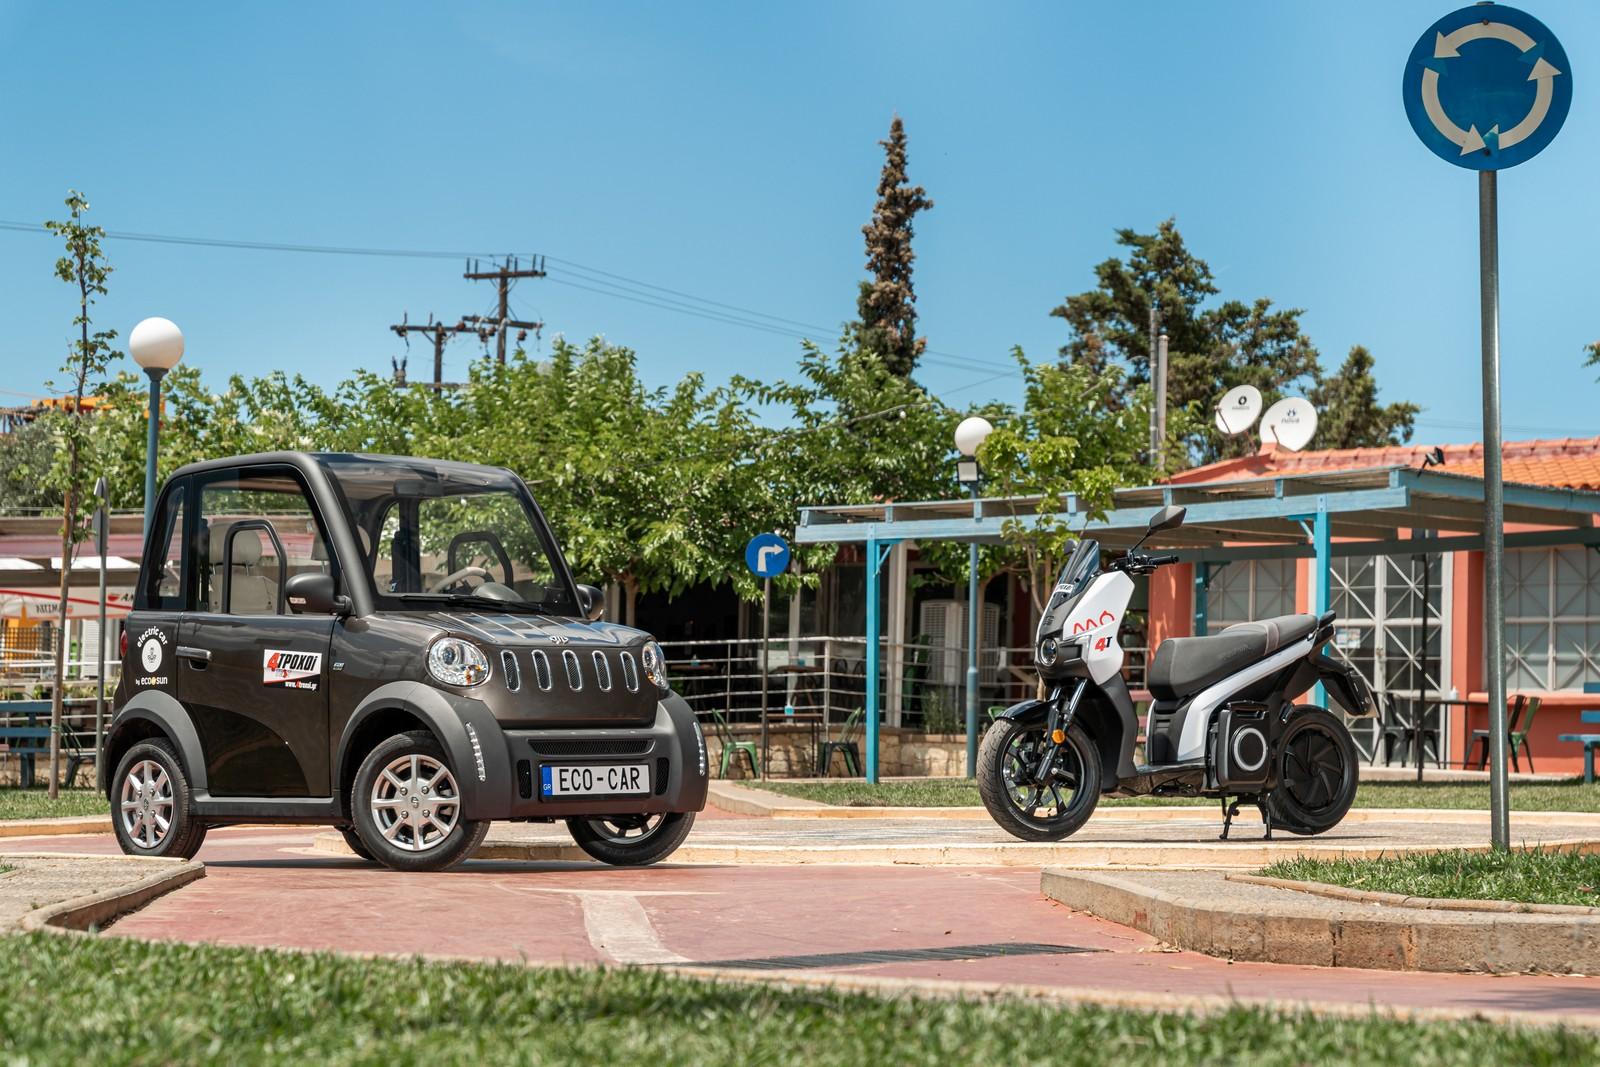 EcoCar-Seat MO 03